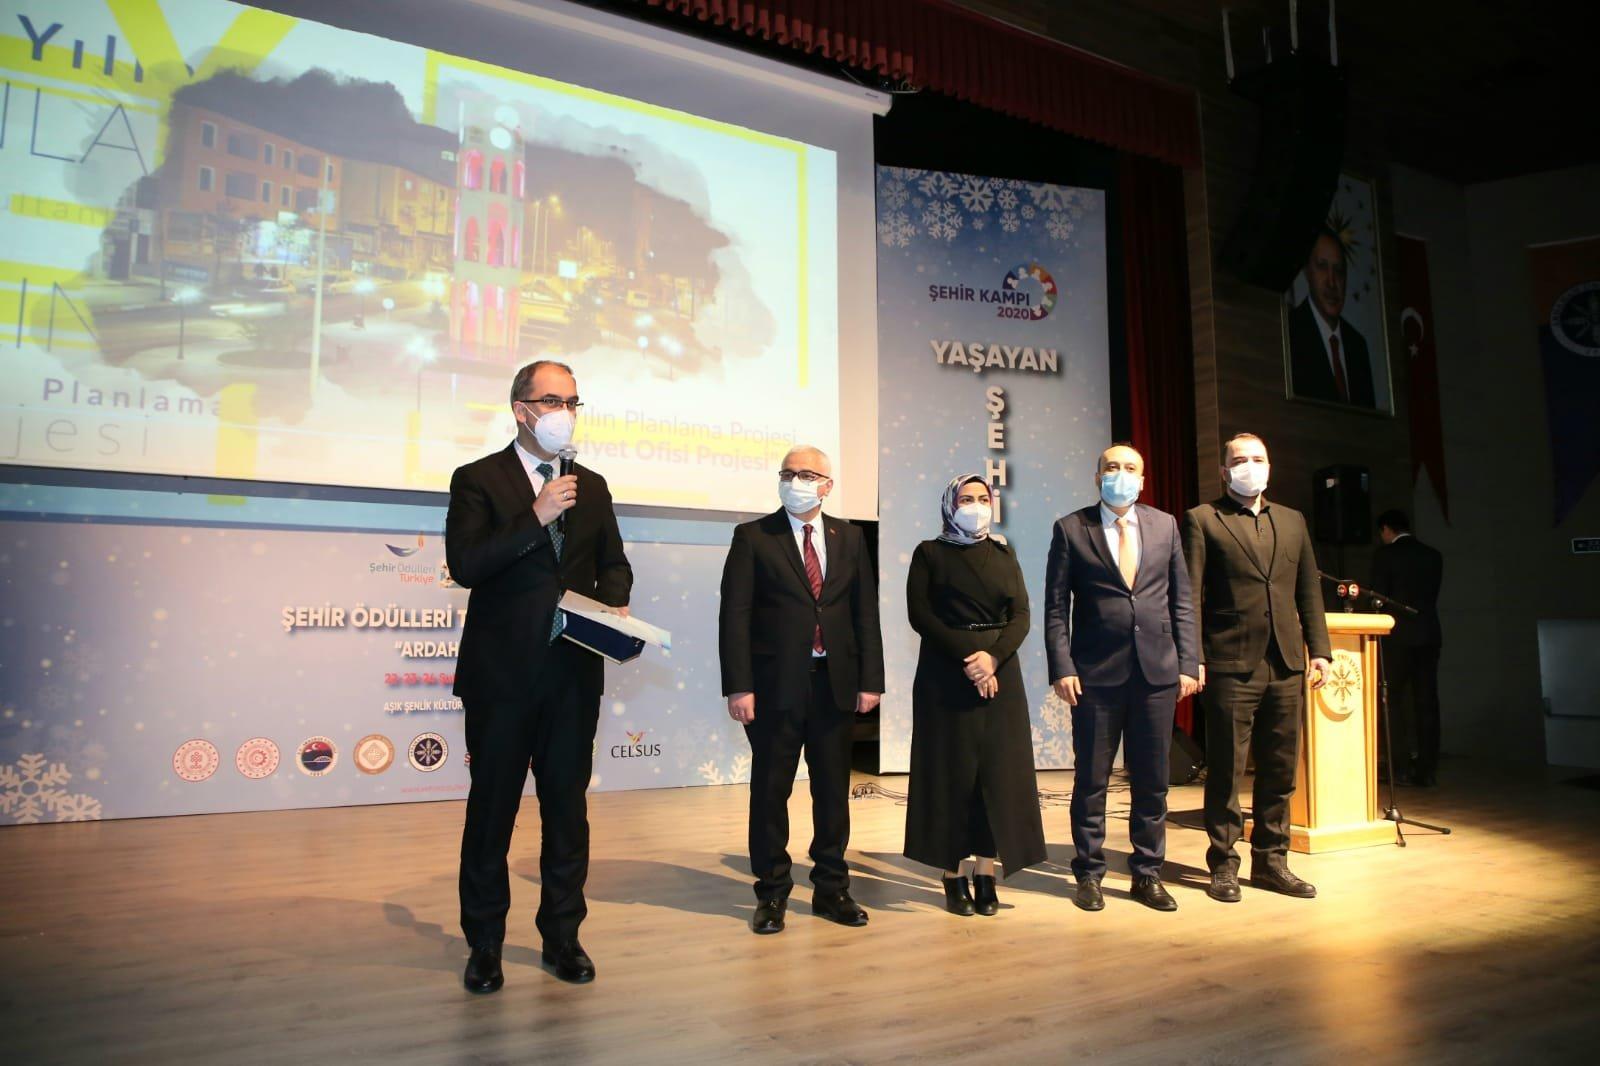 Sultanbeyli Belediyesi'ne 'Şehir Ödülleri'